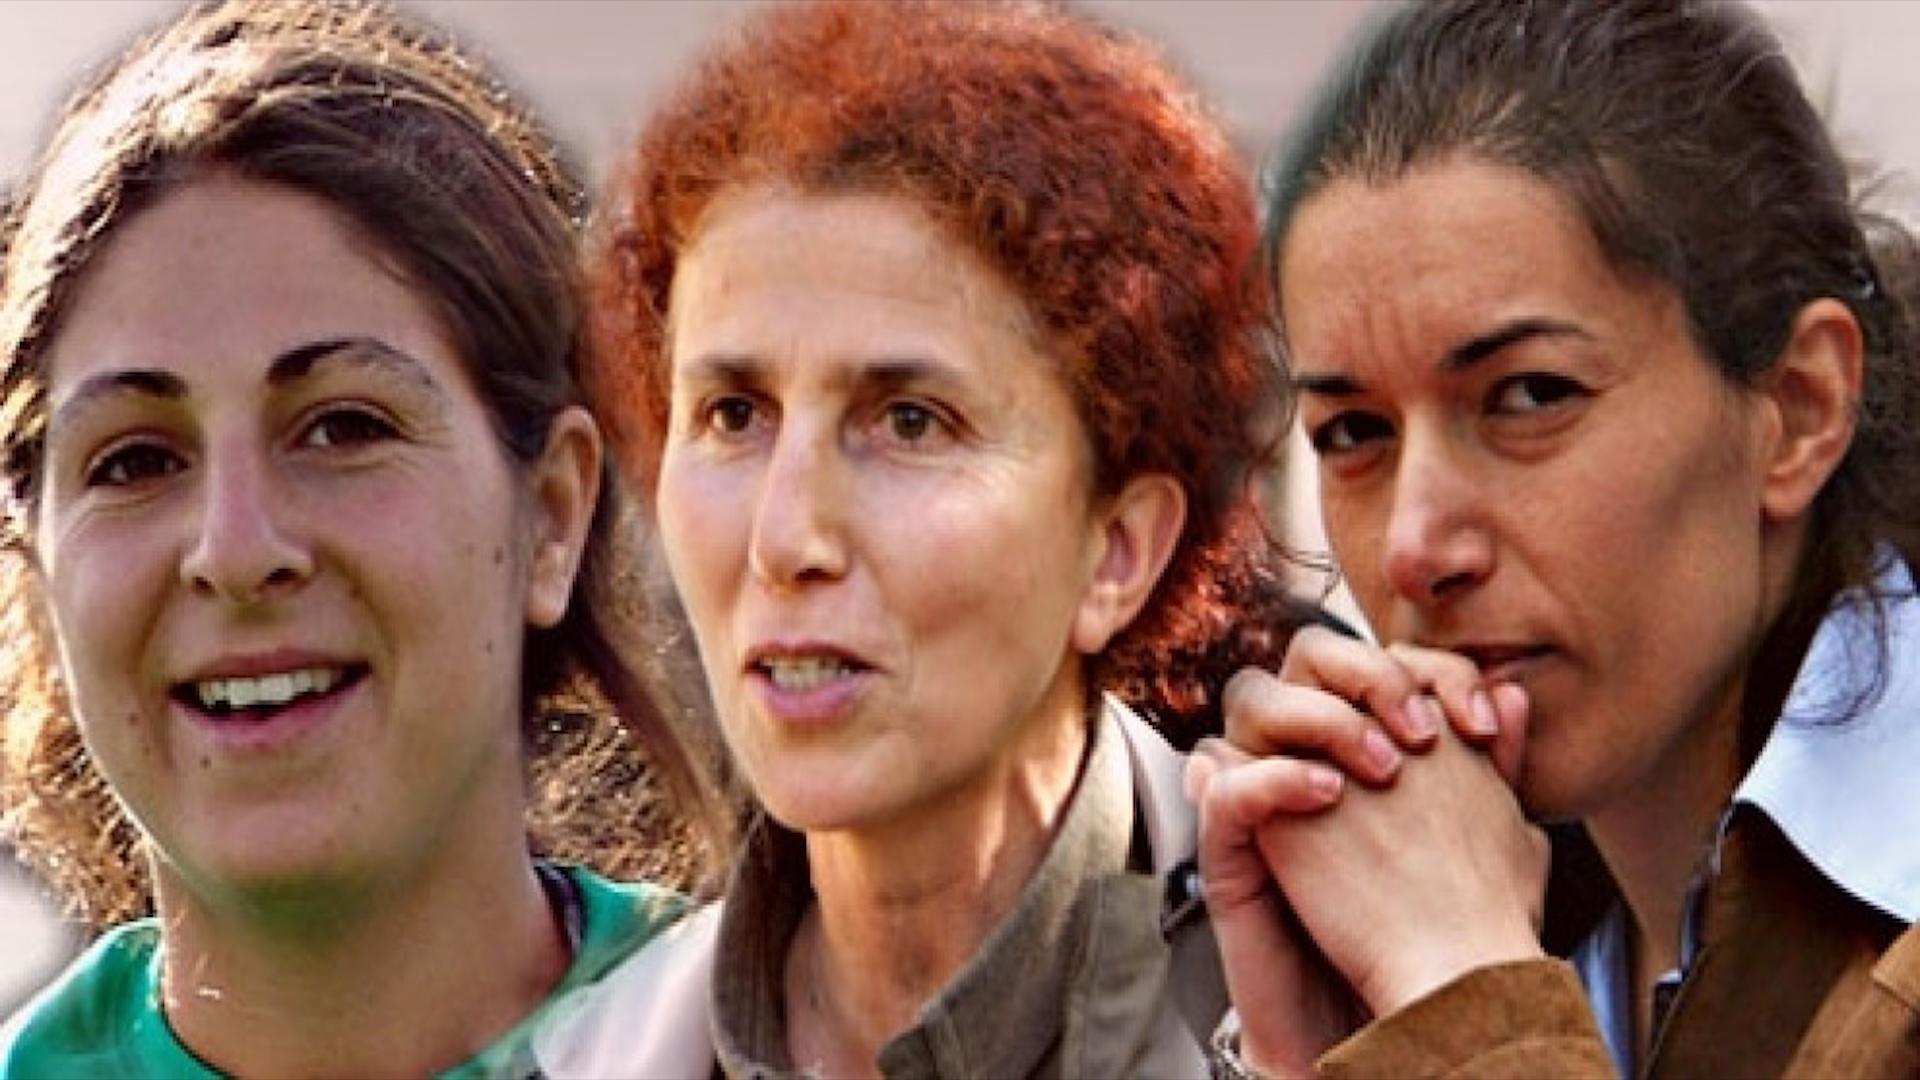 Photo of KOMKUJIYA PARÎSÊ KCK: RÊJÎMA KUJER A AKP'Ê WÊ BIDAWÎ BIBE